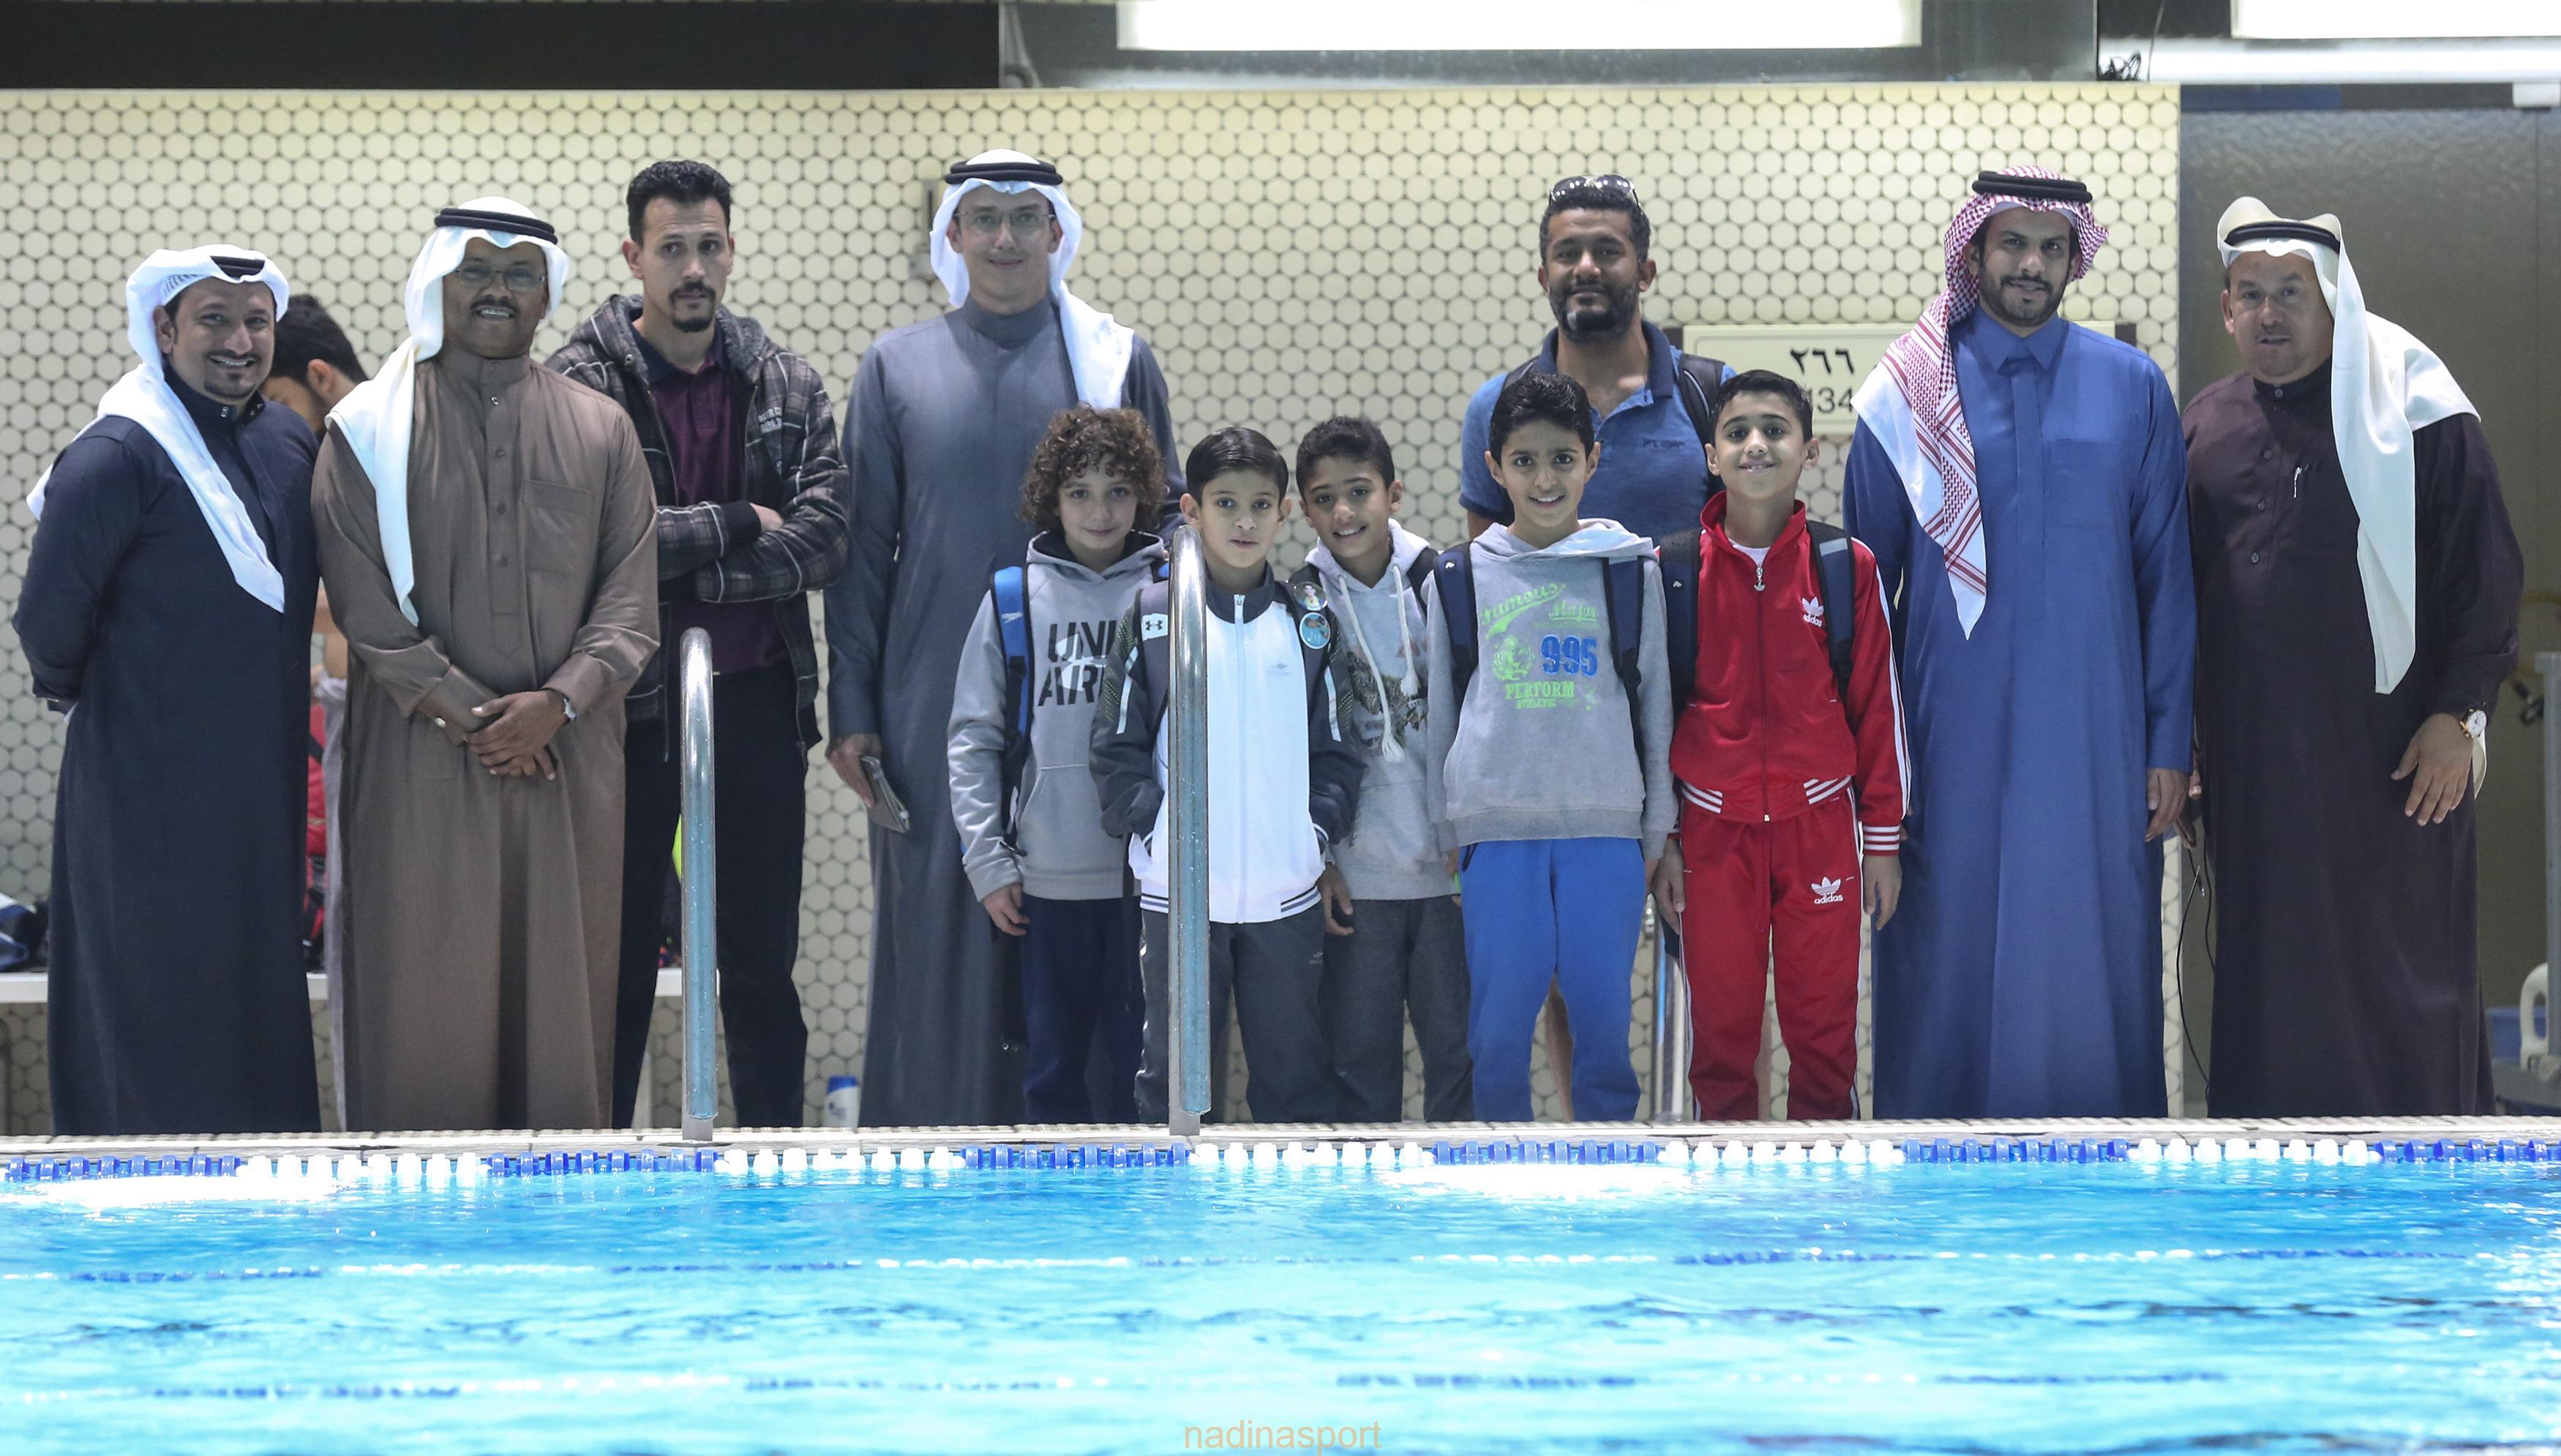 مستقبل سباحة السعودية يواصلون معسكر الرياض